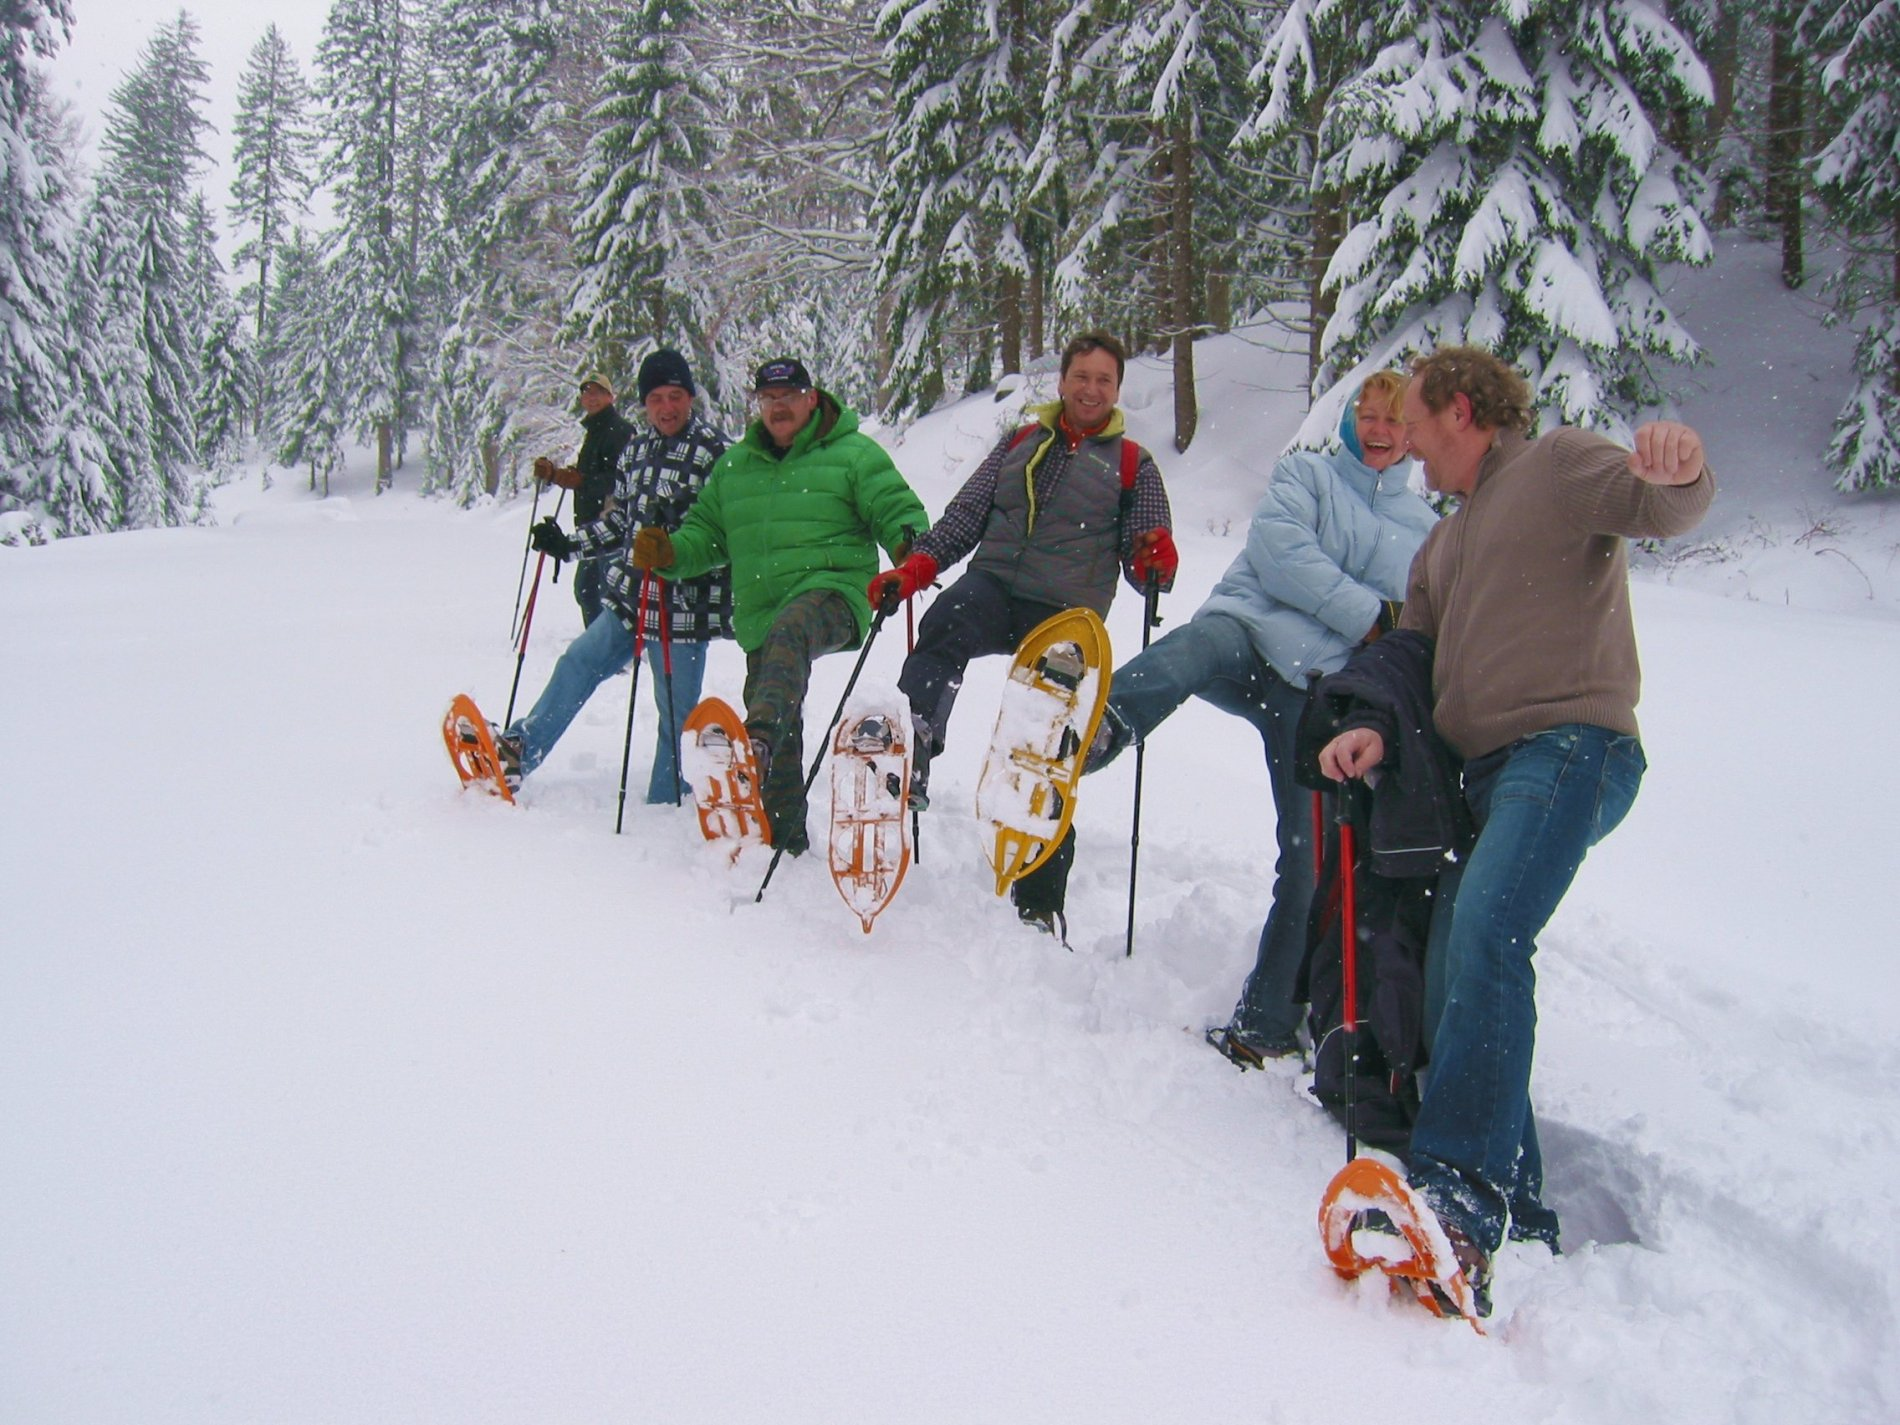 Schneeschuhtouren durch das verschneite Albtal.